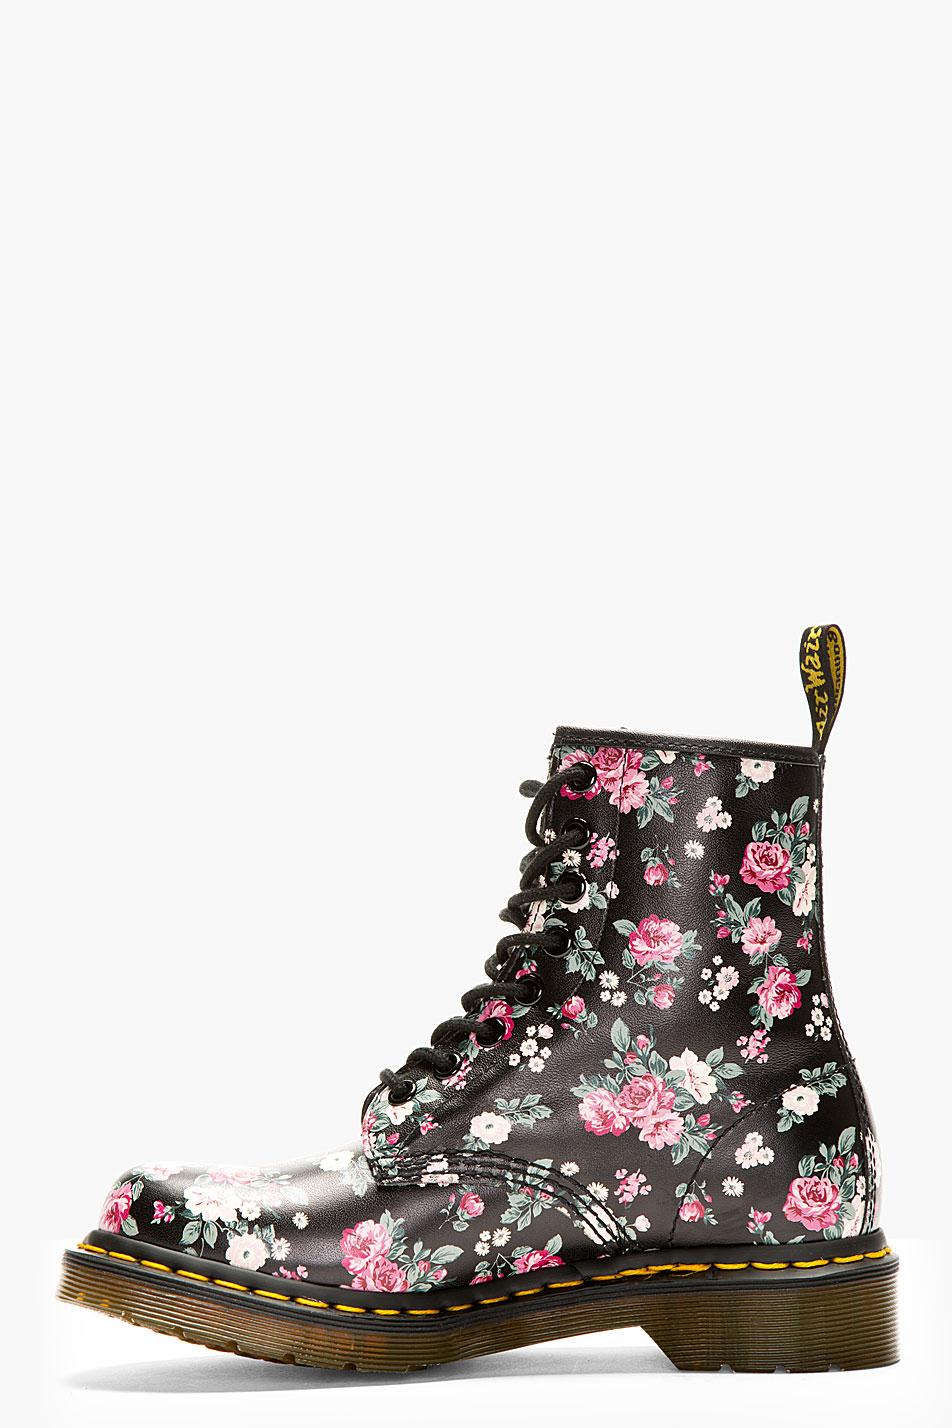 Dr Martens Boot Shoes Floral Lace